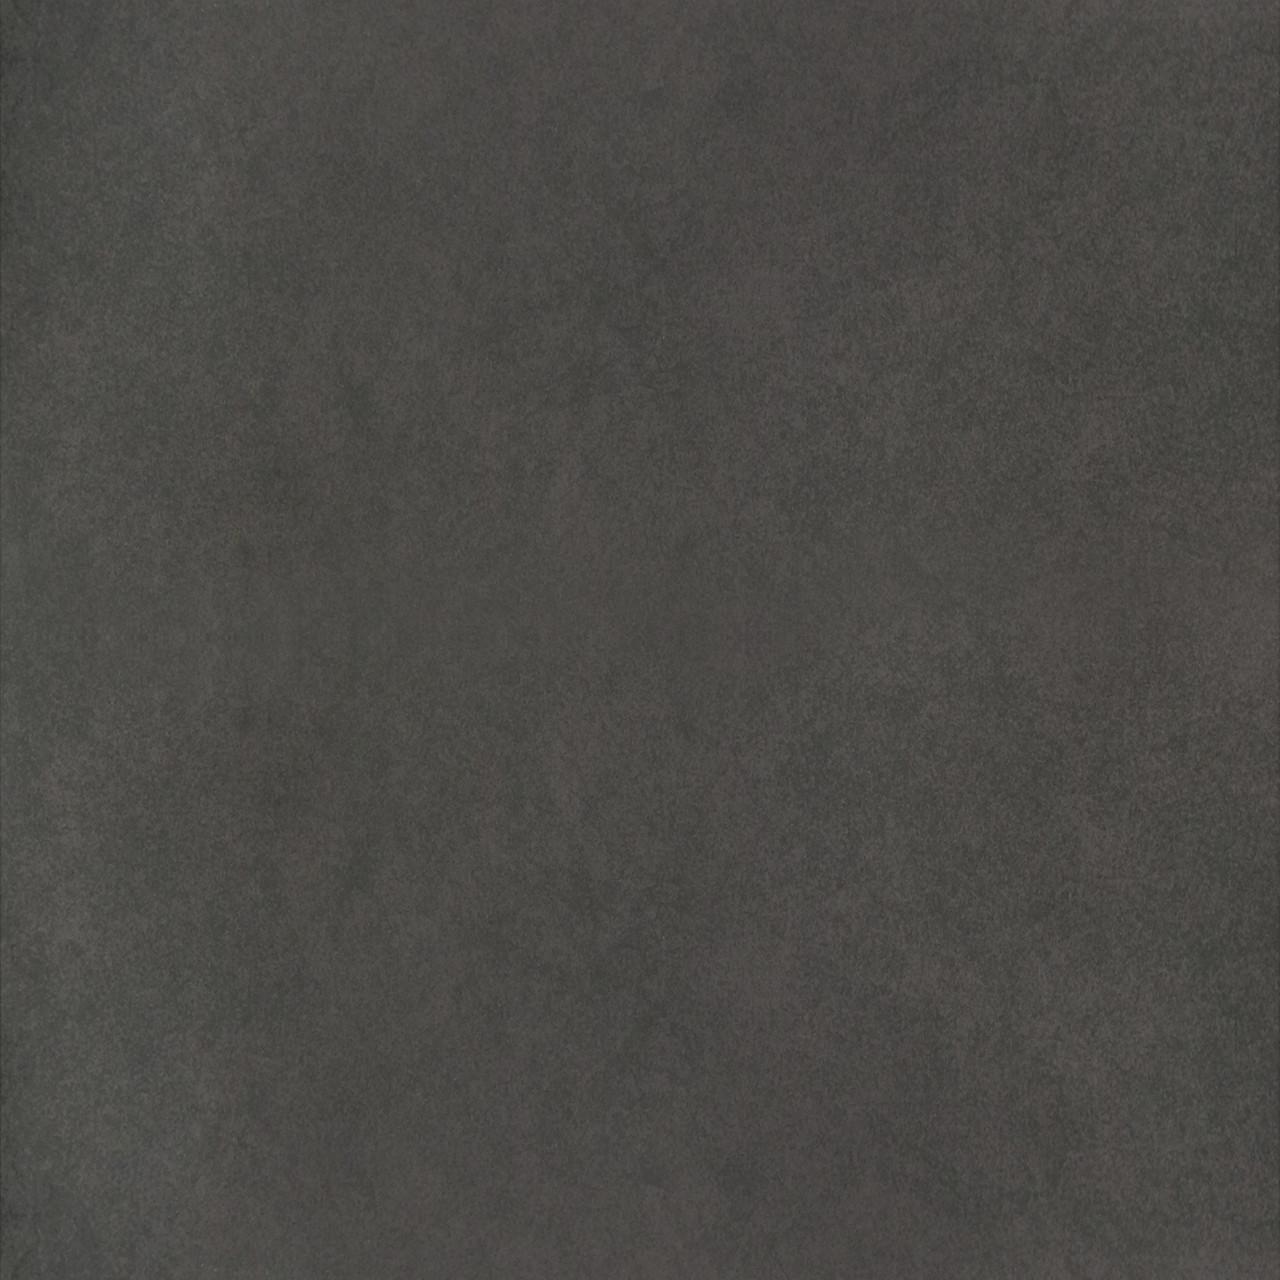 Плитка для пола глазурованная Arc BK 480x480